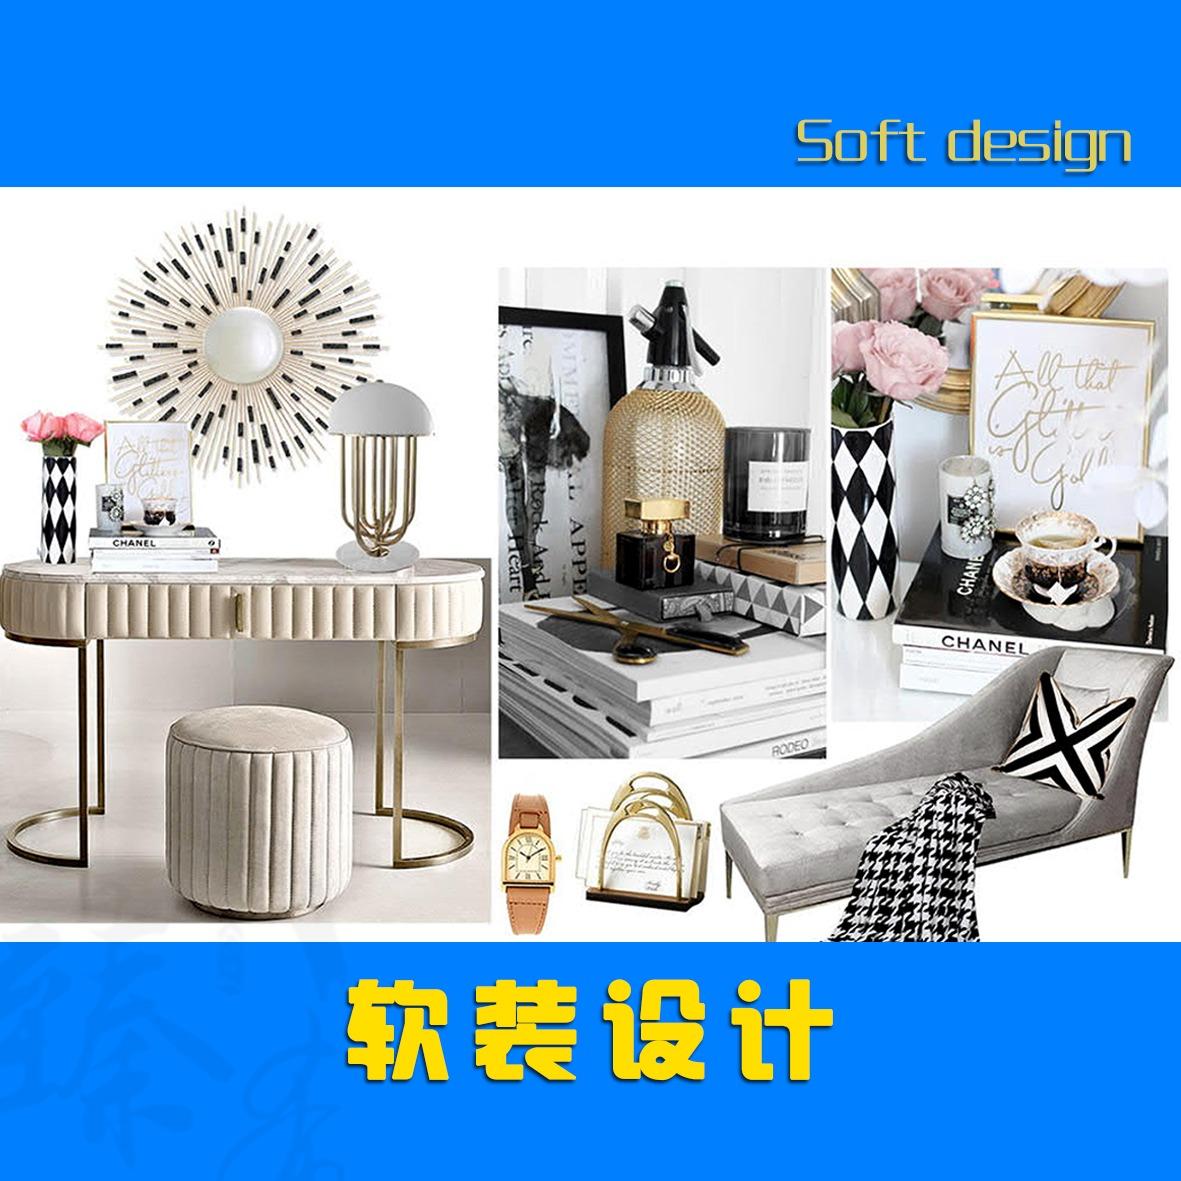 软装设计家具配置设计色彩搭配设计材料设计酒店家居软装配置设计